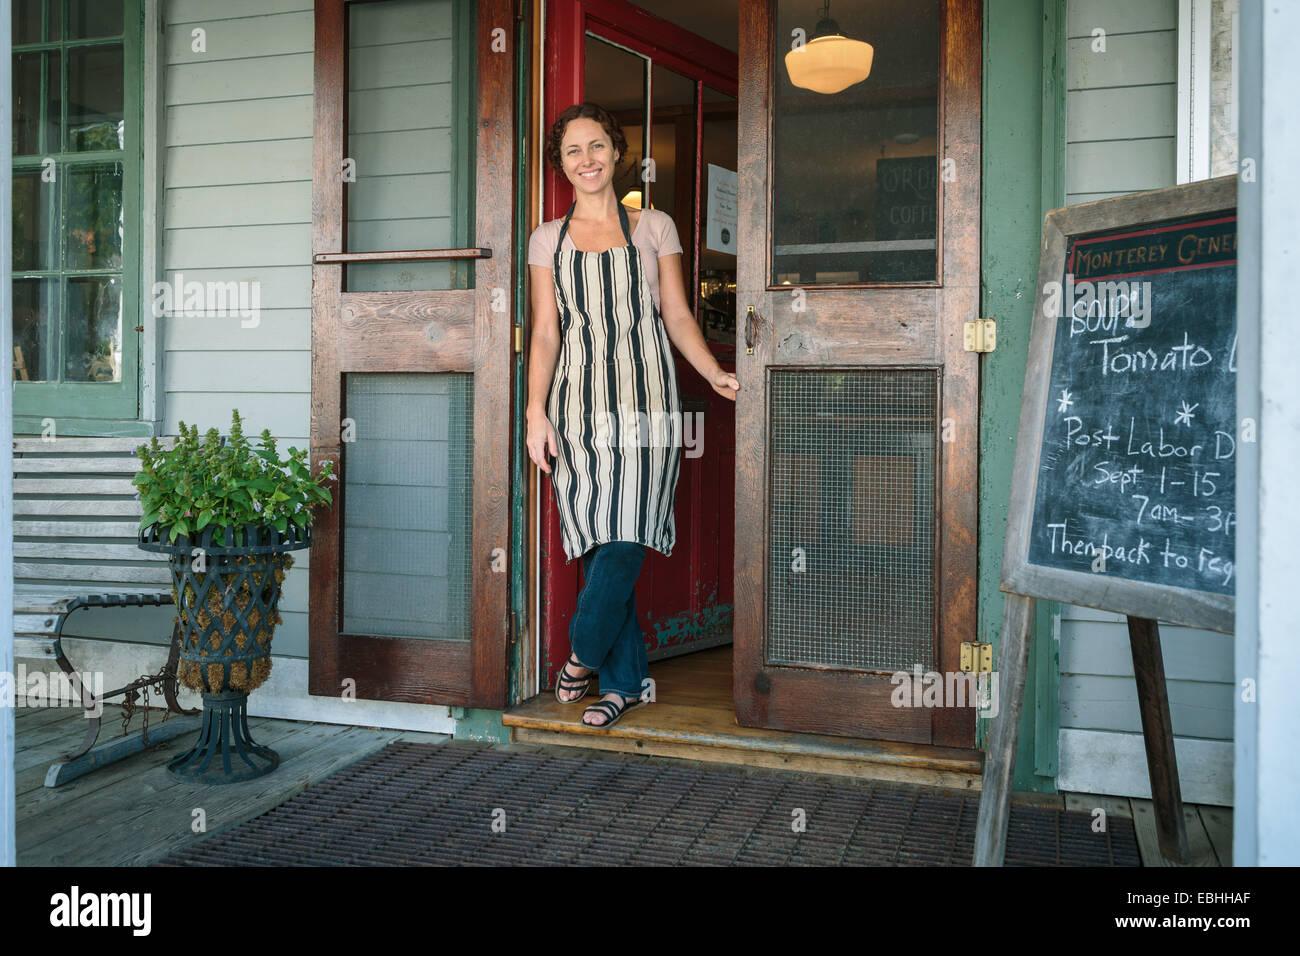 Boutique femme assistant en porte de country store Banque D'Images